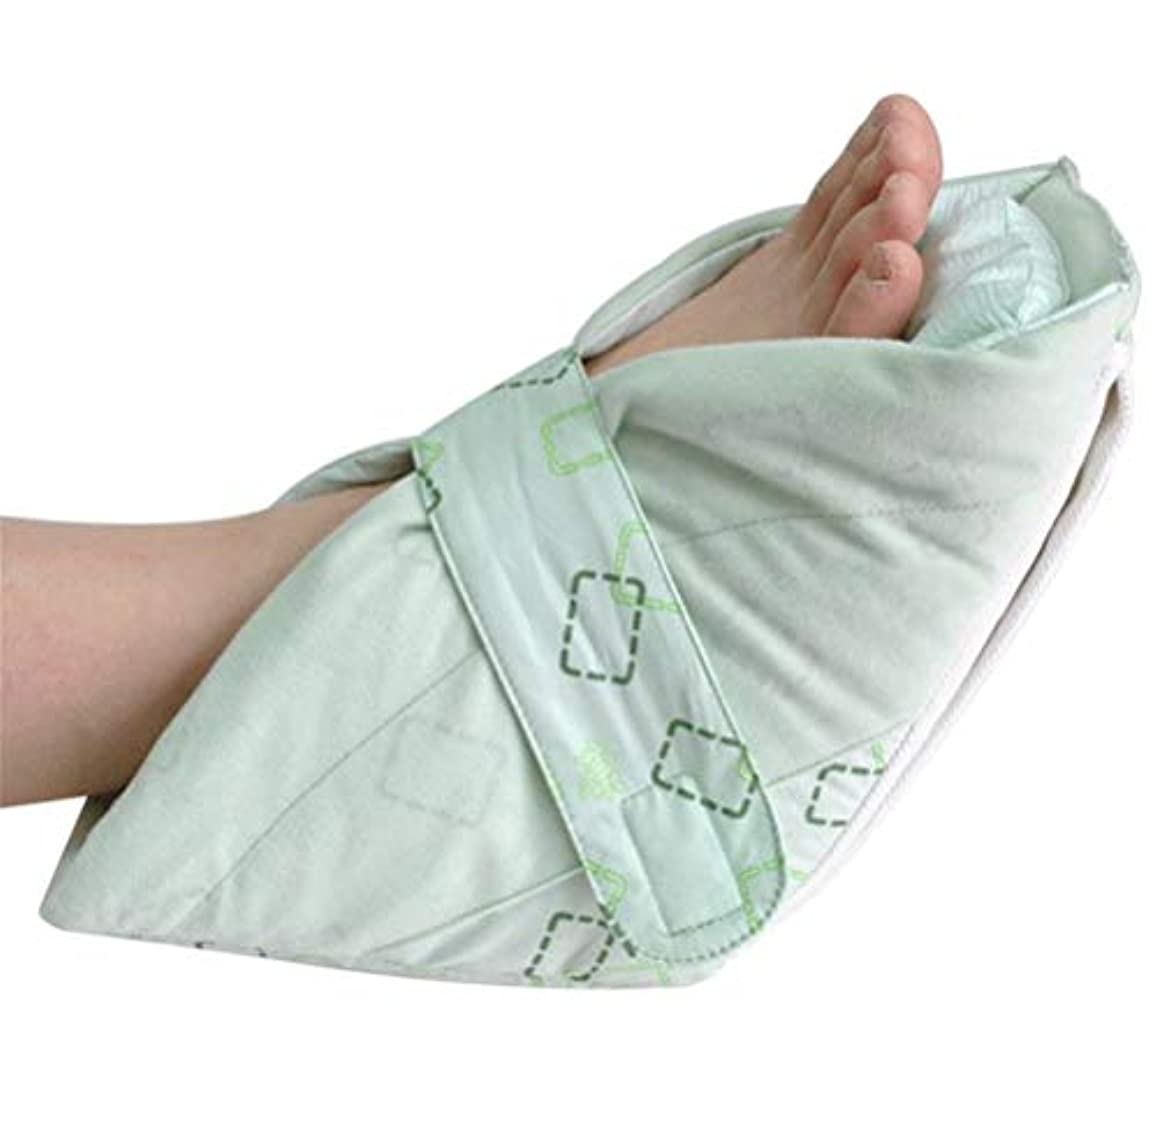 環境面白い部屋を掃除するヒールプロテクター枕、プレミアム圧力軽減フット補正カバー、極細コットン生地、インナークッションは分離可能、グリーン、1ペア